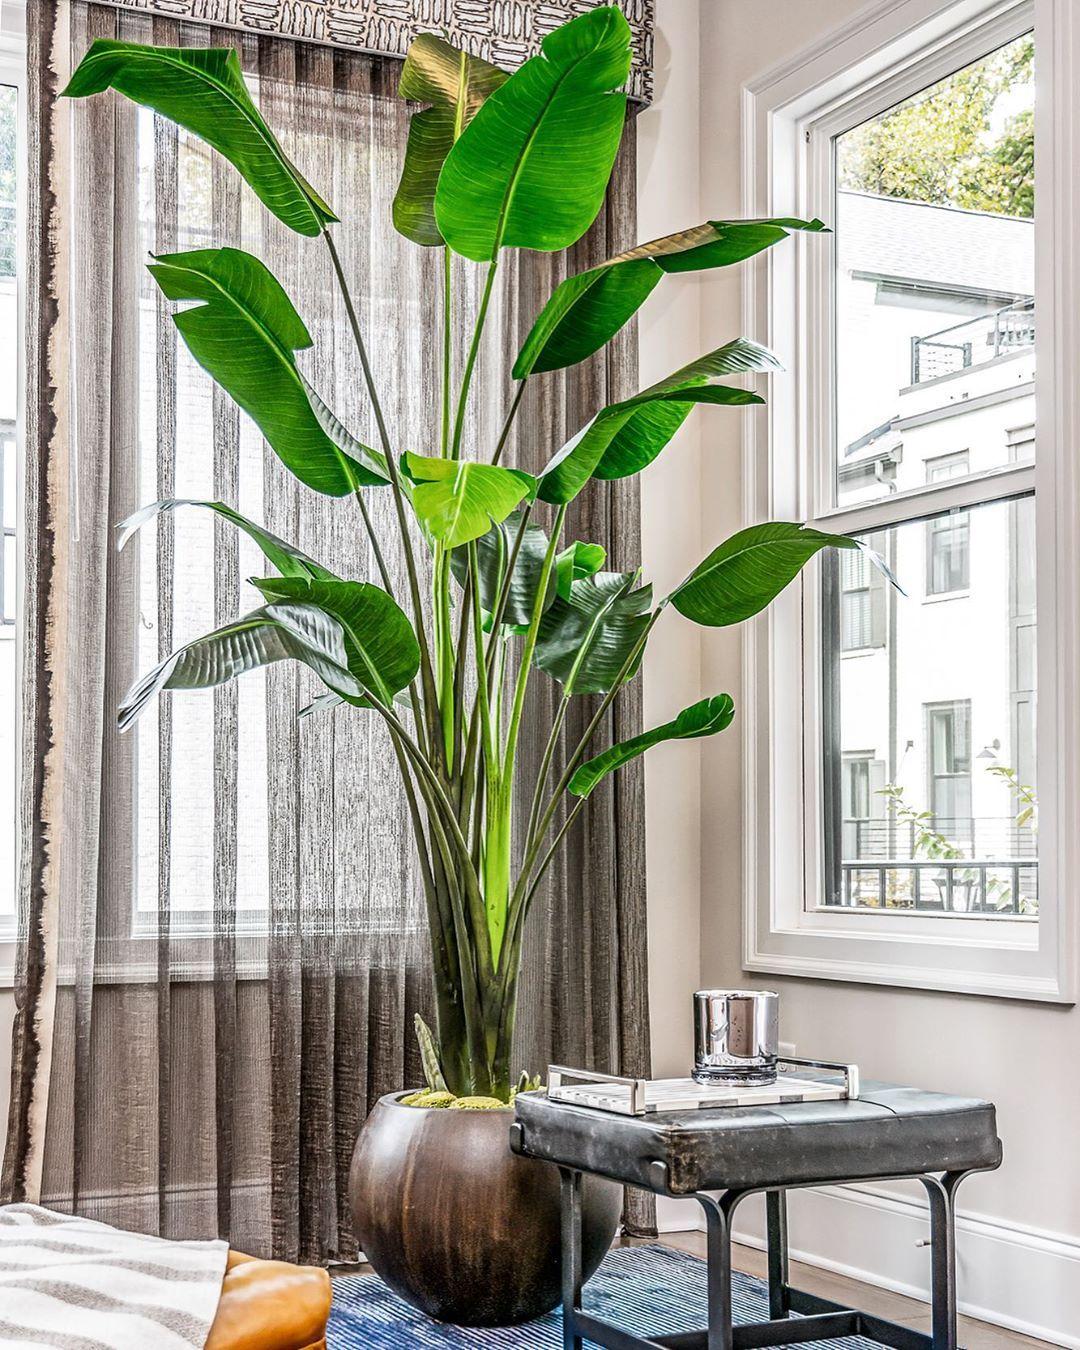 Best Atlanta Interior Designer Interior design ideas